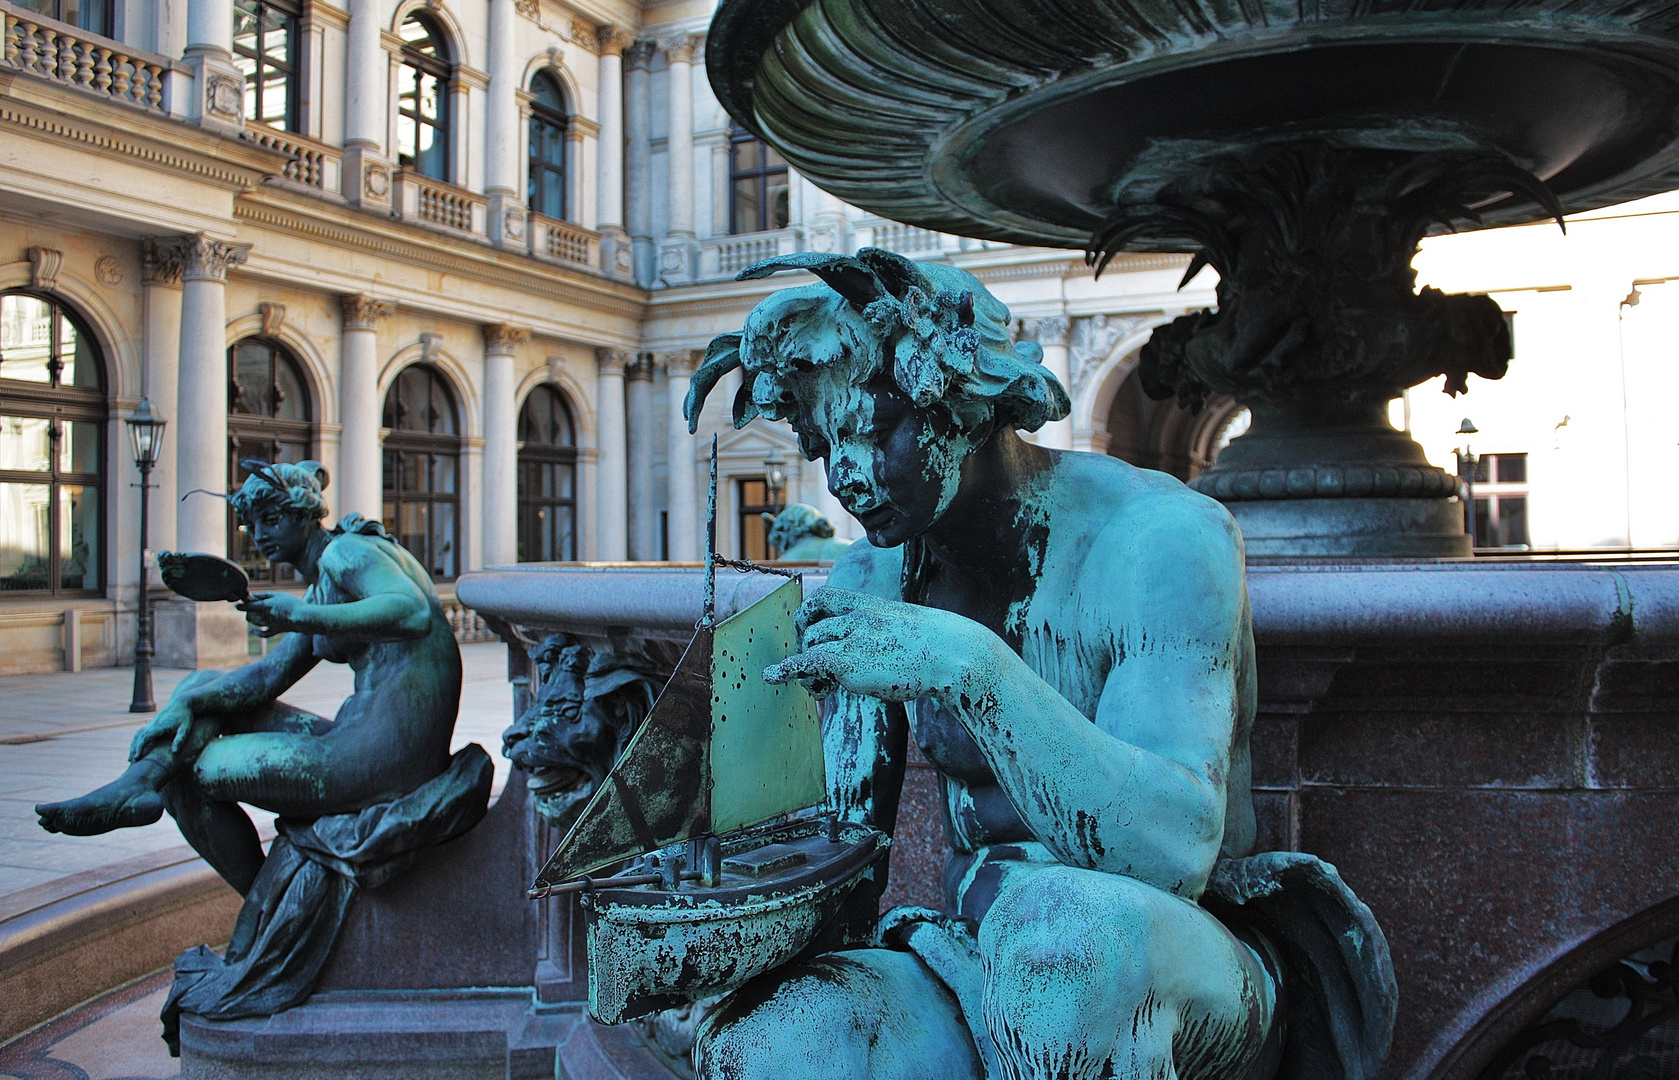 Figuren am Brunnen des Innenhofes vom Hamburger Rathaus